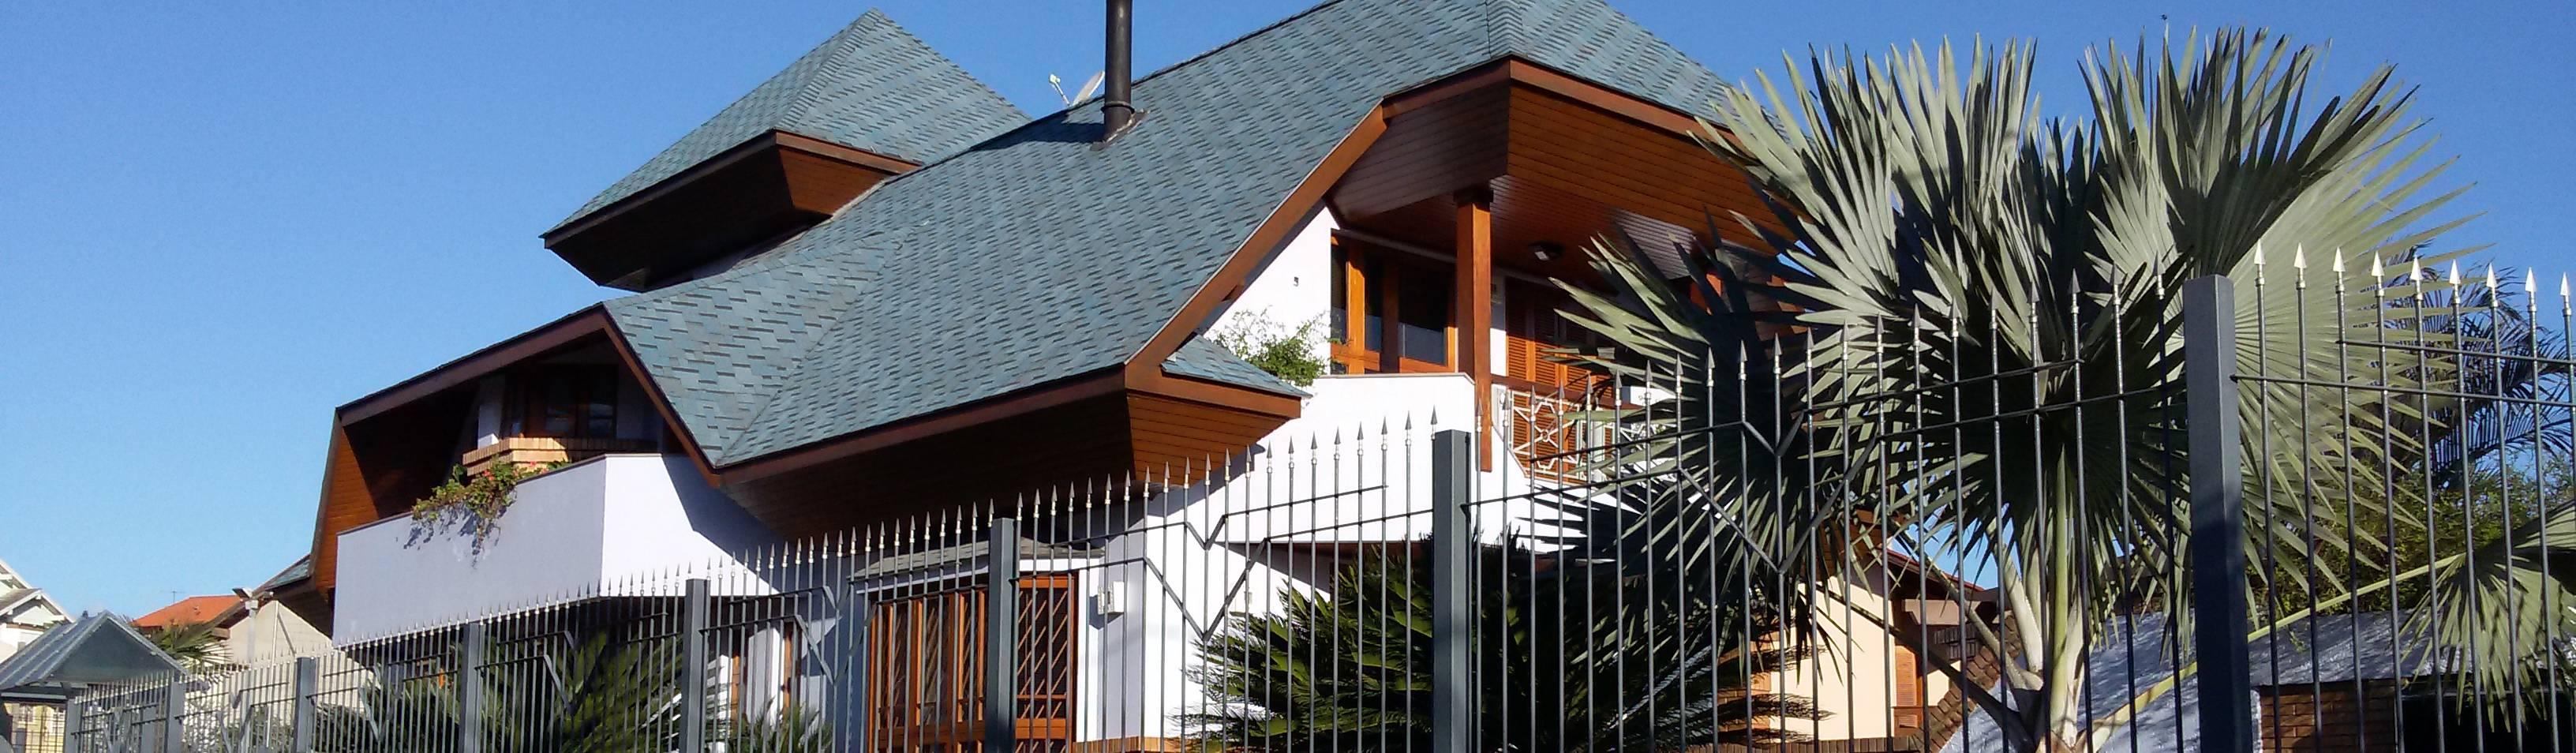 Kauer Arquitetura e Design